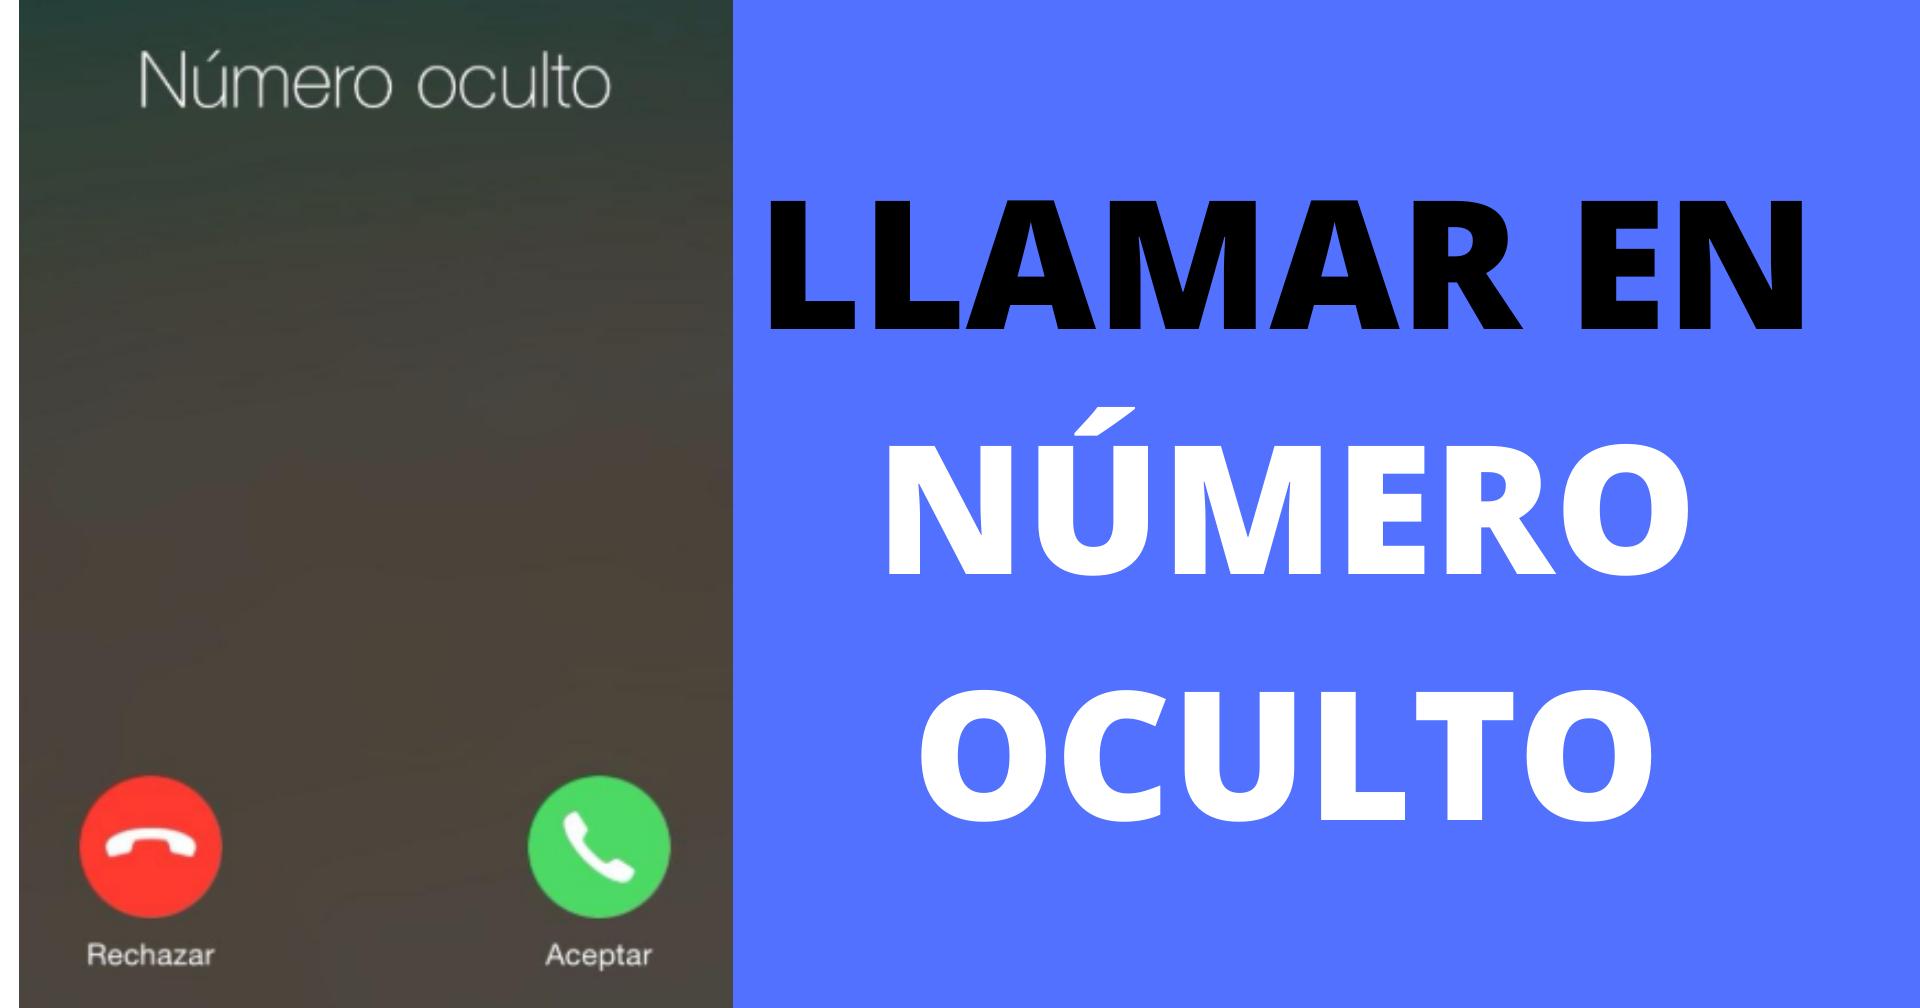 Cómo llamar en número oculto desde el móvil